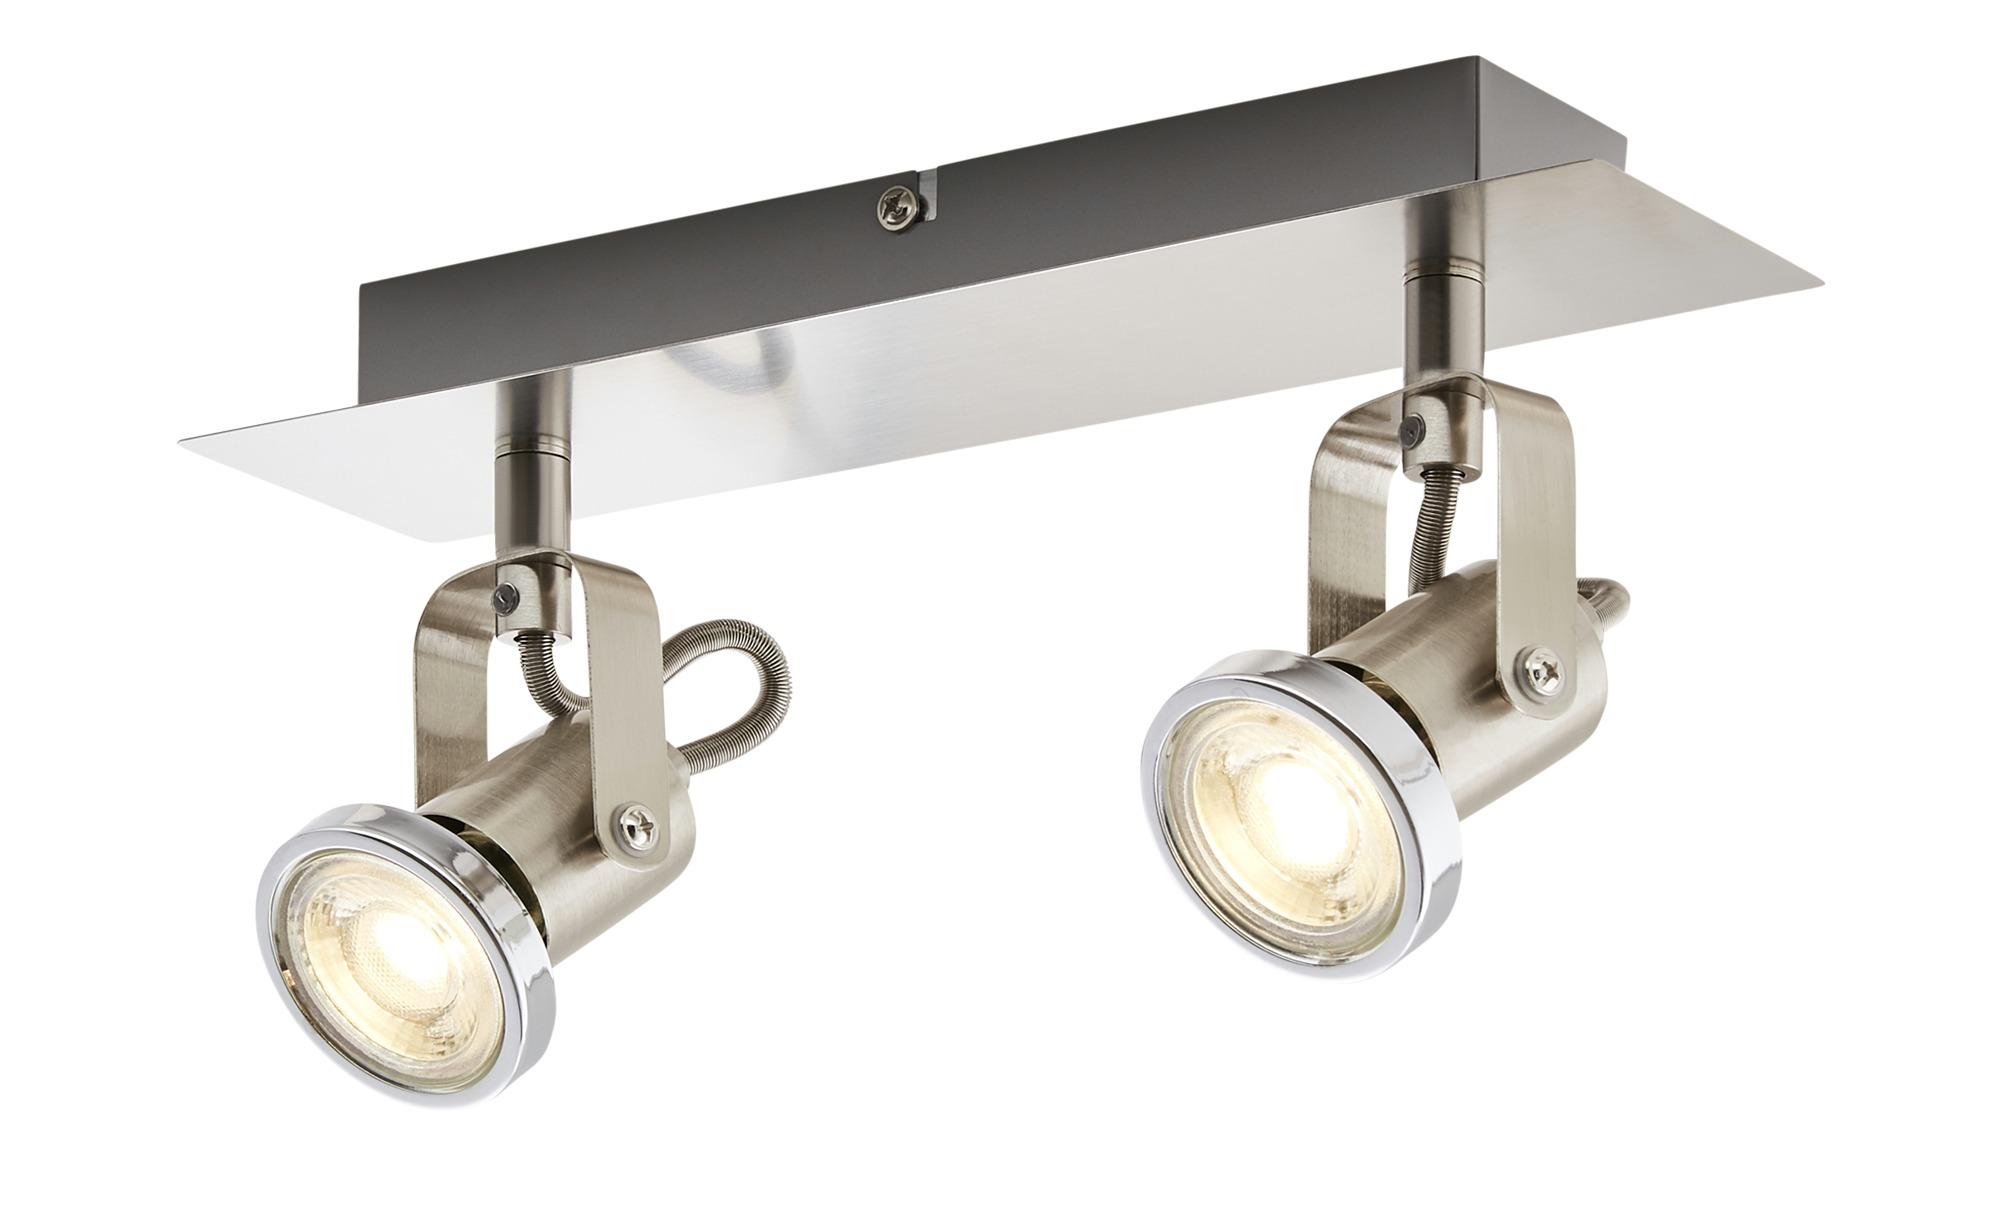 KHG Spot, 2-flammig, Nickel matt ¦ silber ¦ Maße (cm): B: 7 H: 12 Lampen & Leuchten > LED-Leuchten > LED-Strahler & Spots - Höffner